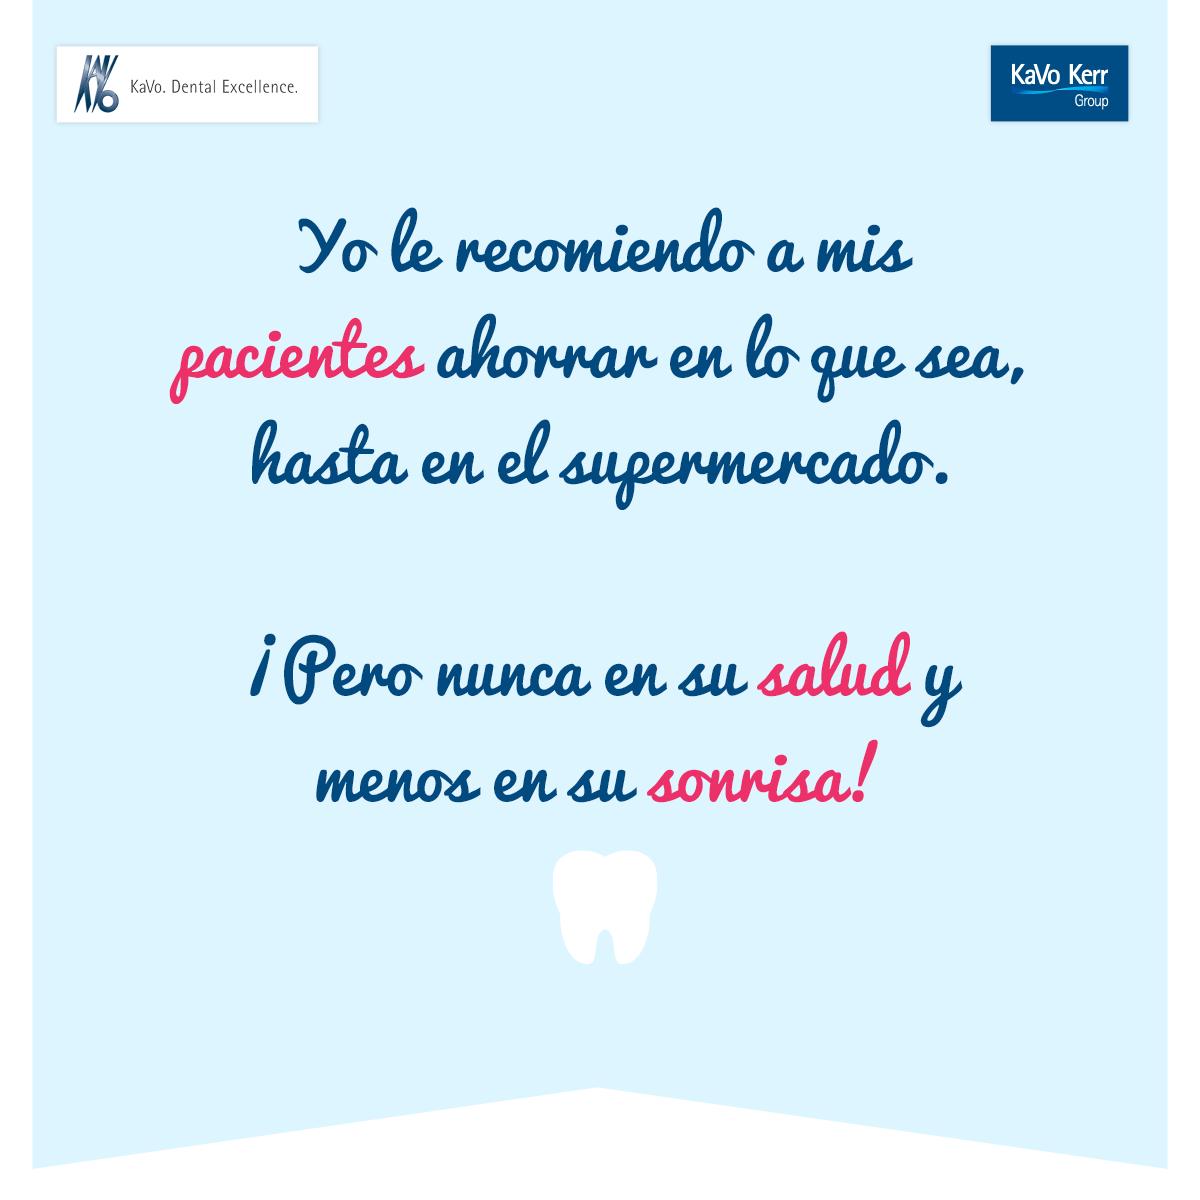 Odontología Dientes Salud Bucodental Dentista